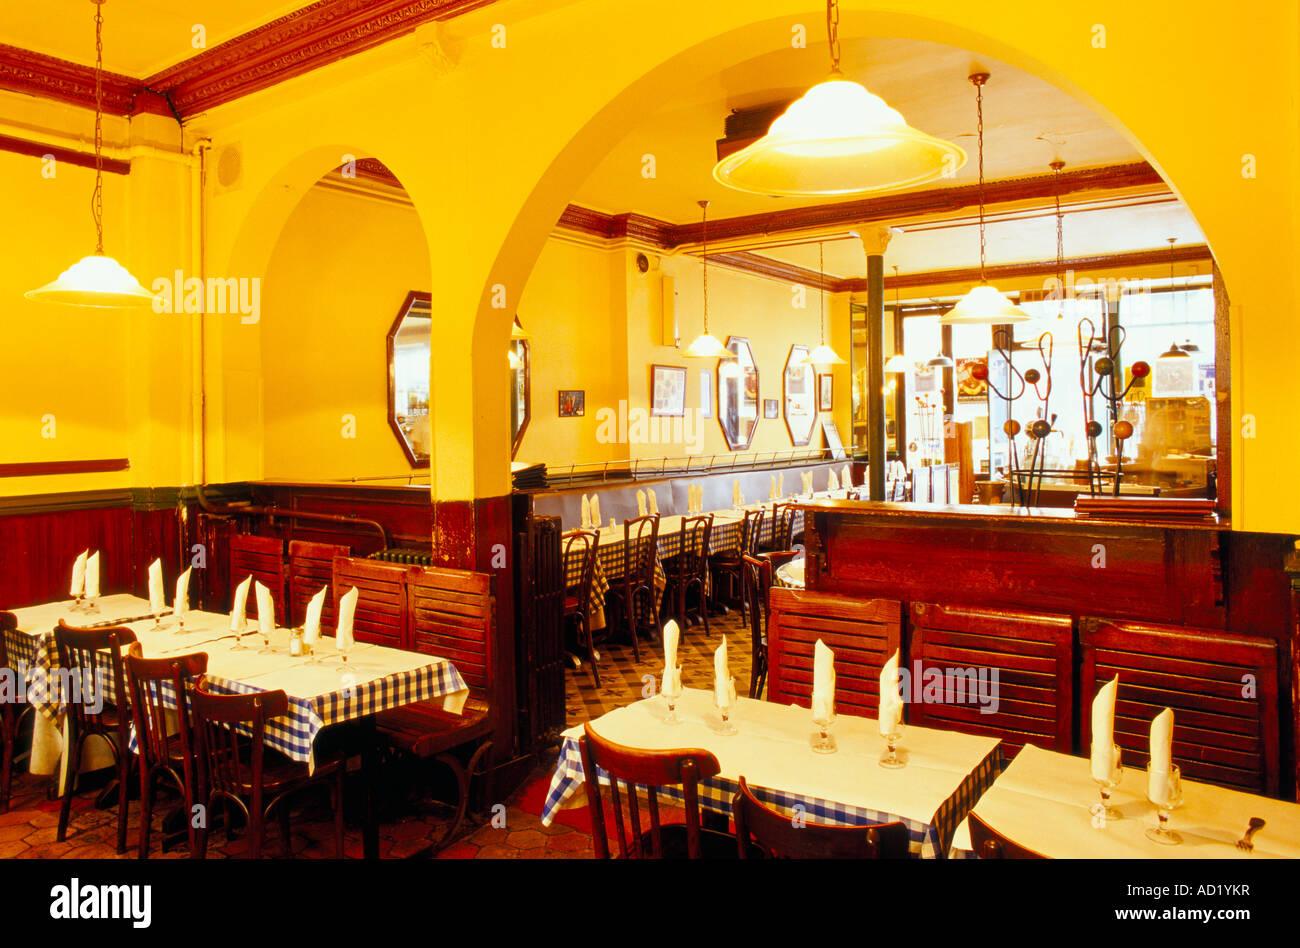 Interior of Cafe Moderne 19 Rue Keller Rue Keller is a trendy Stock ...